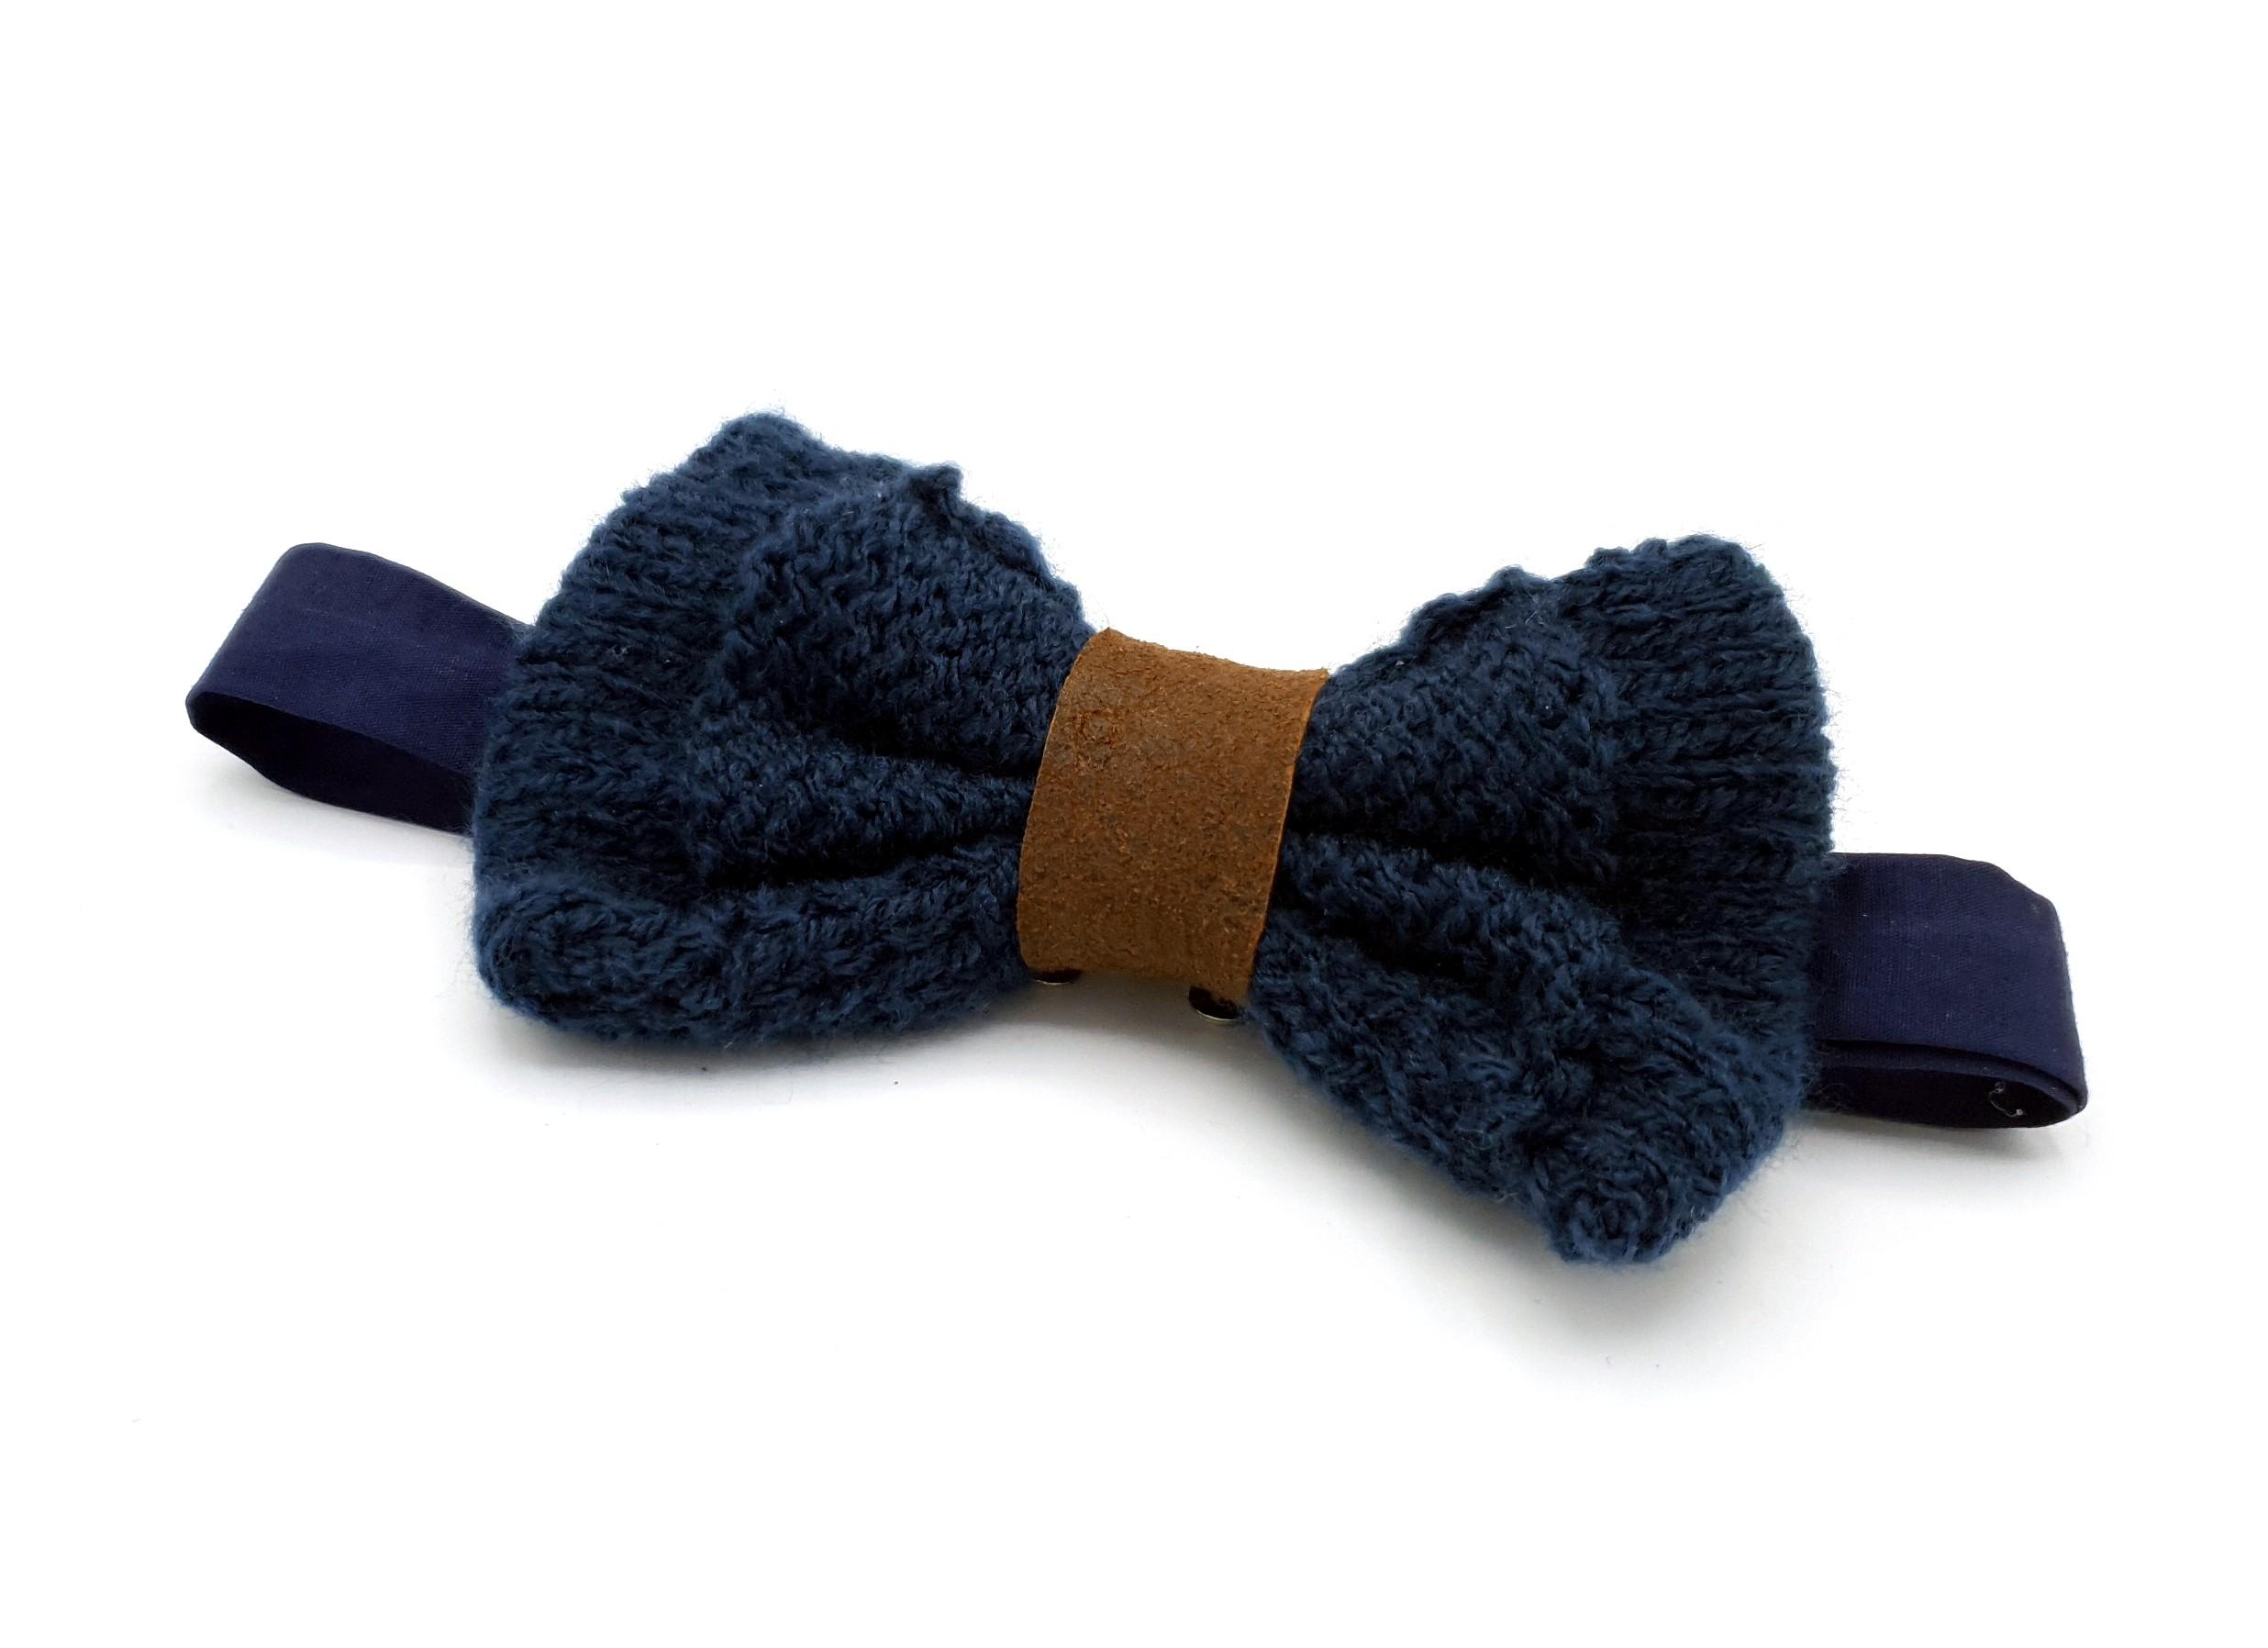 83658f555115f Noeud papillon laine bleu nuit et cuir marron - Oretoile